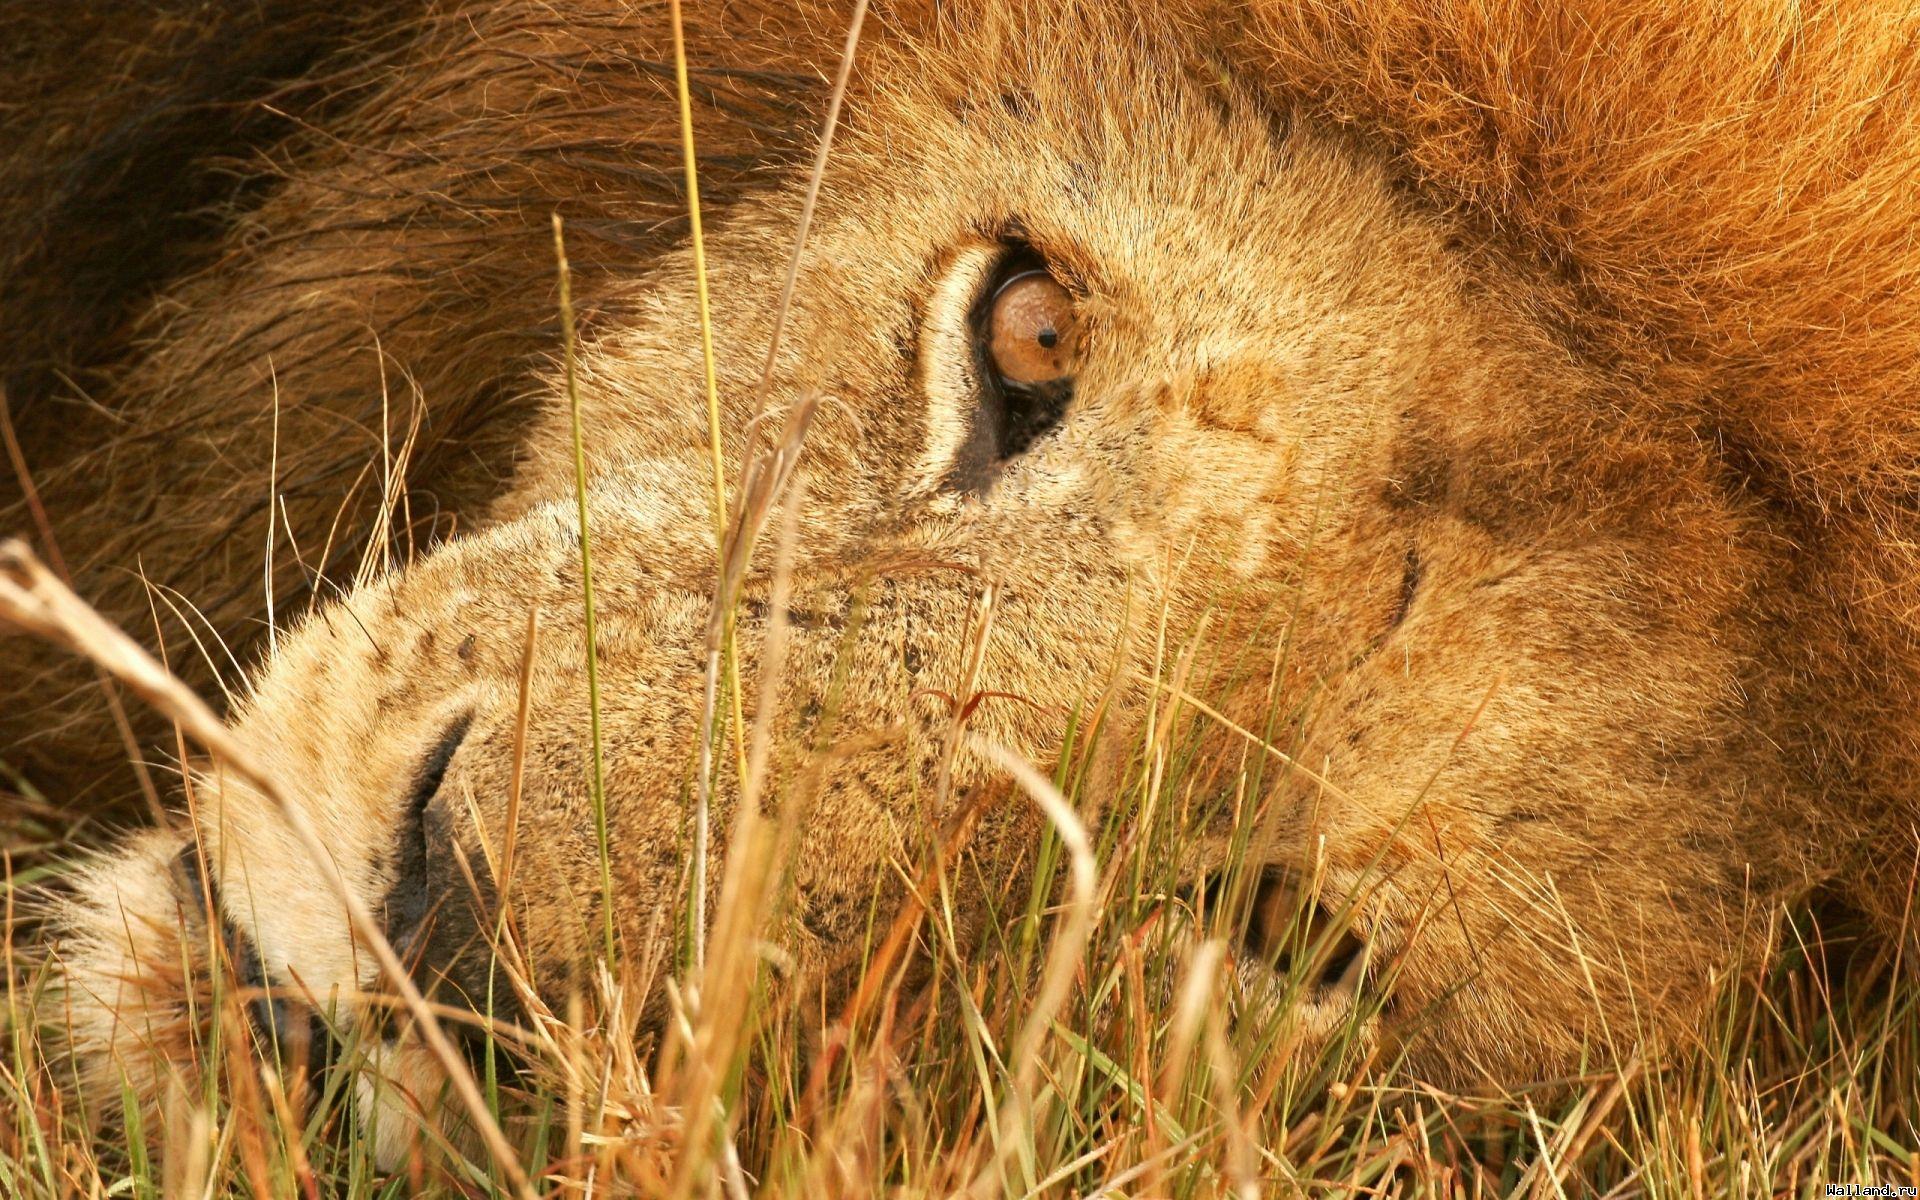 обои на рабочий стол, лев лежит в траве, скачать фото, lion wallpaper